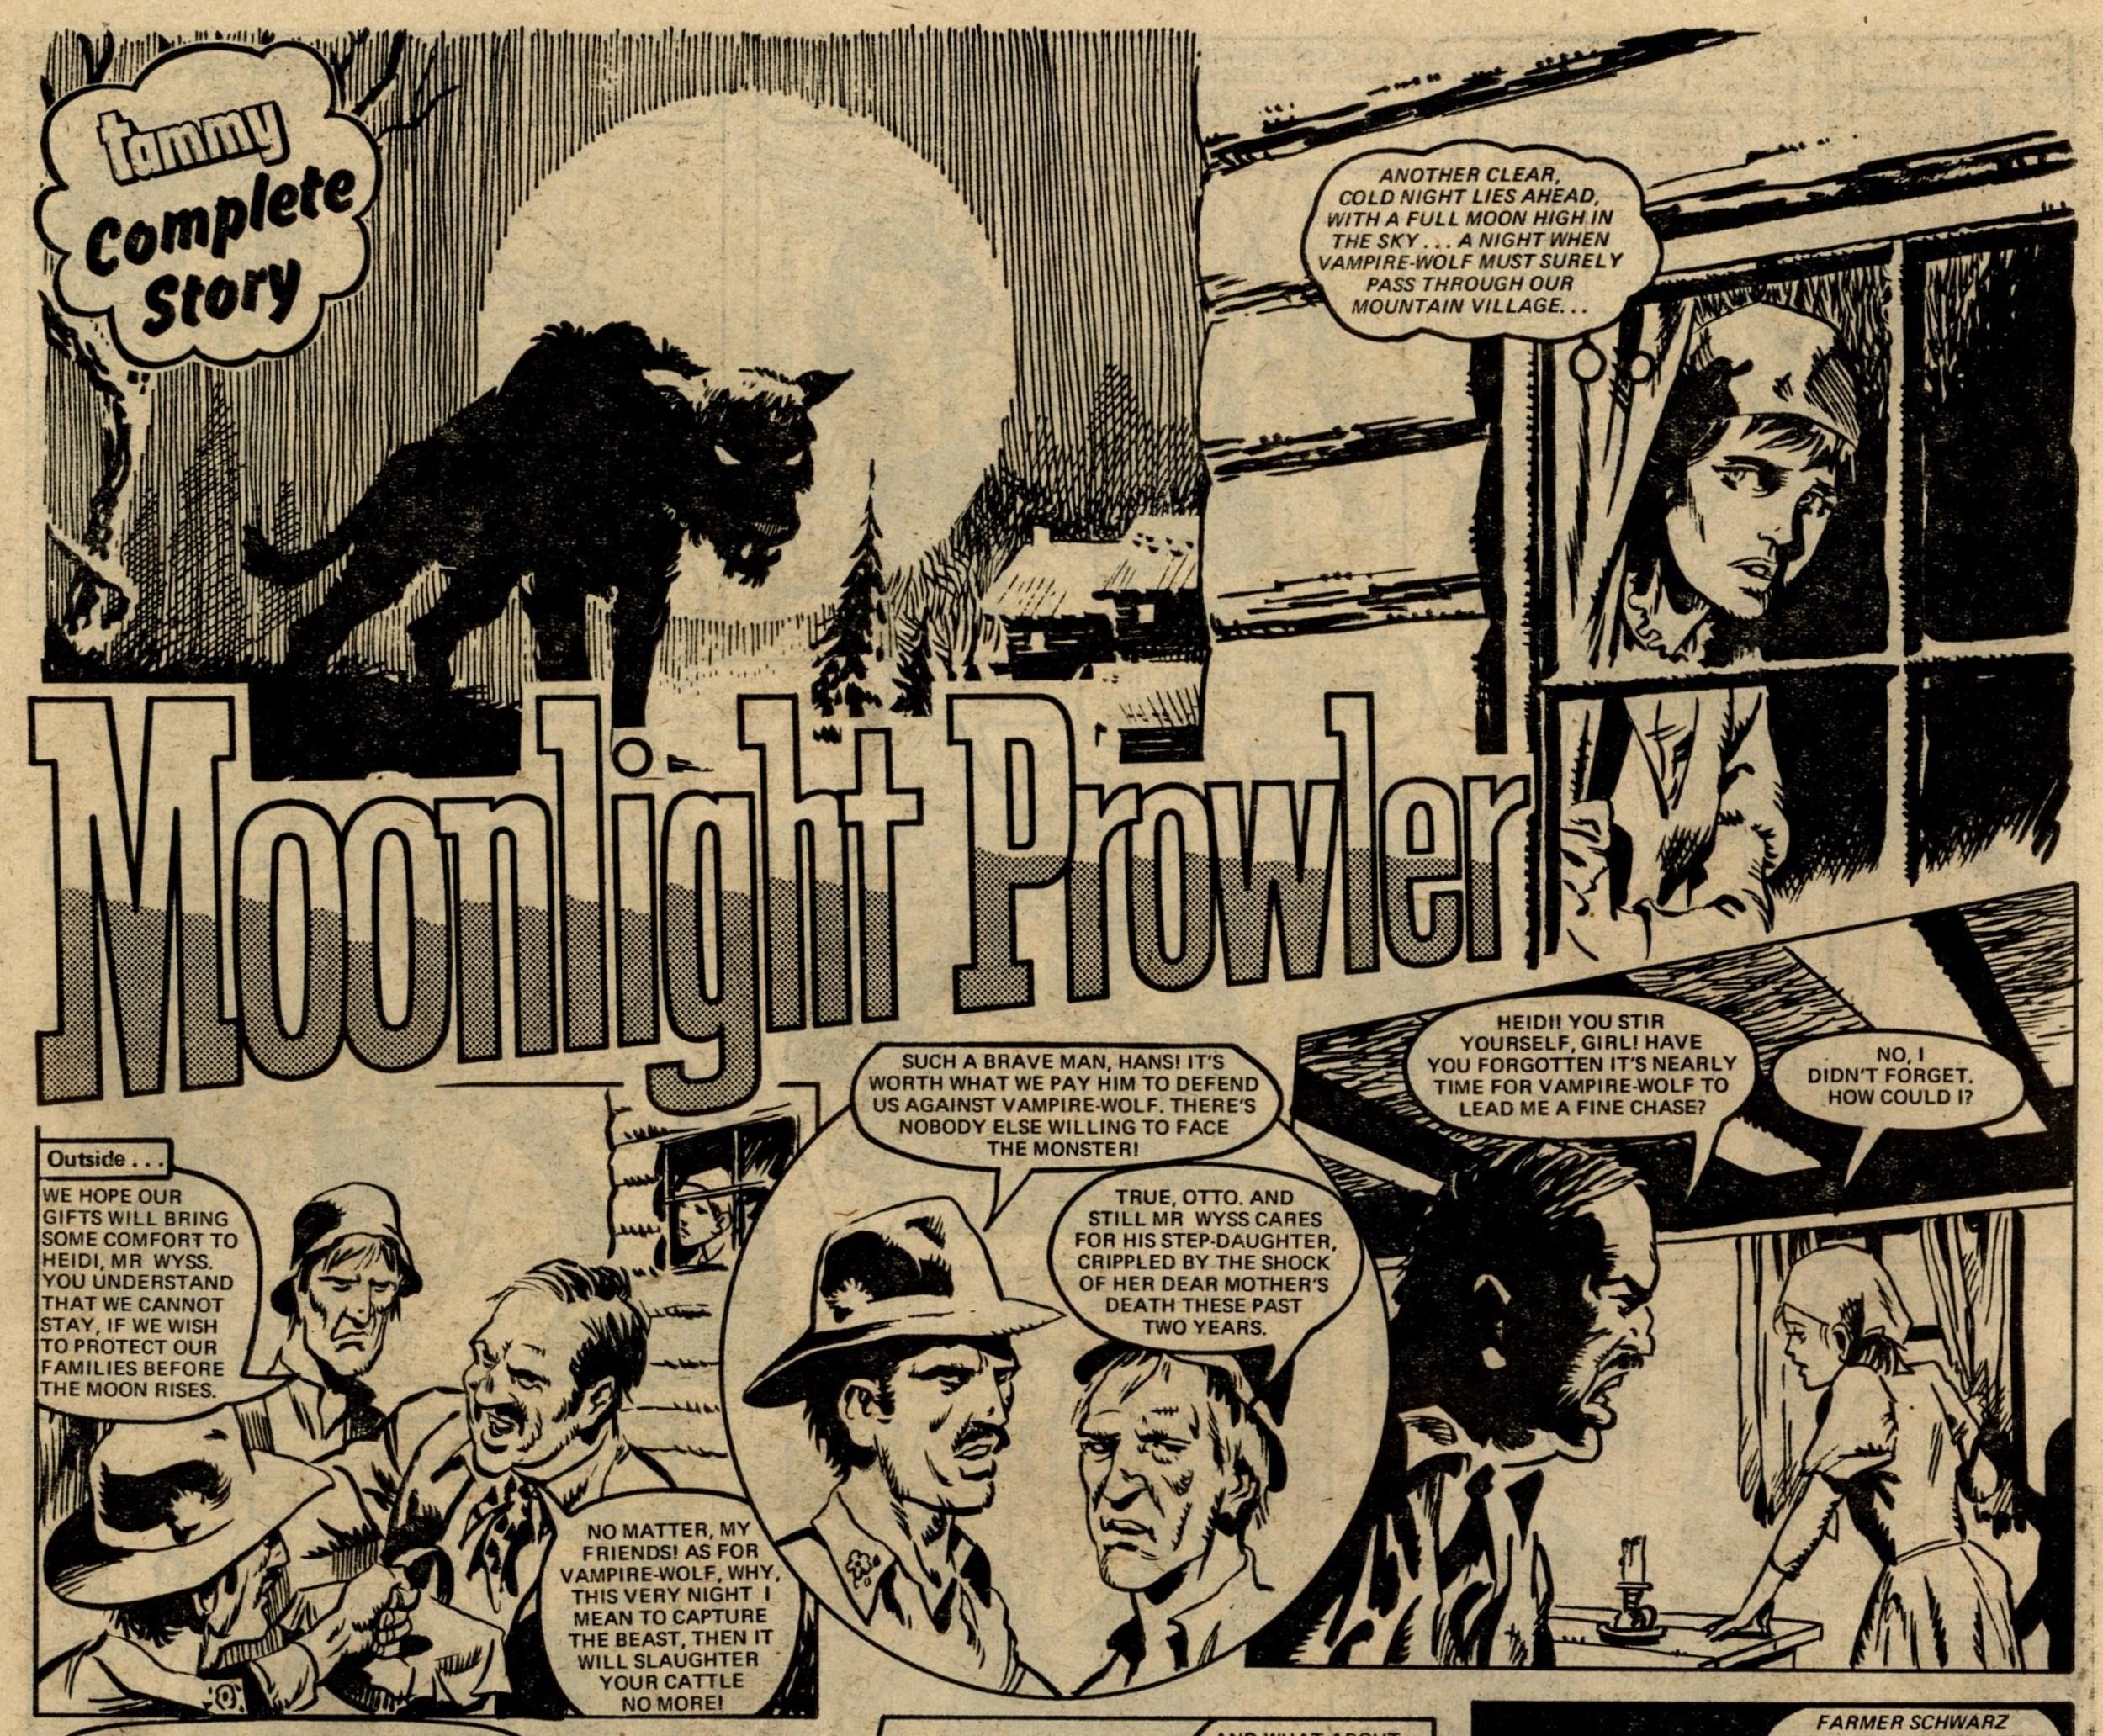 Moonlight Prowler: John Richardson (artist)